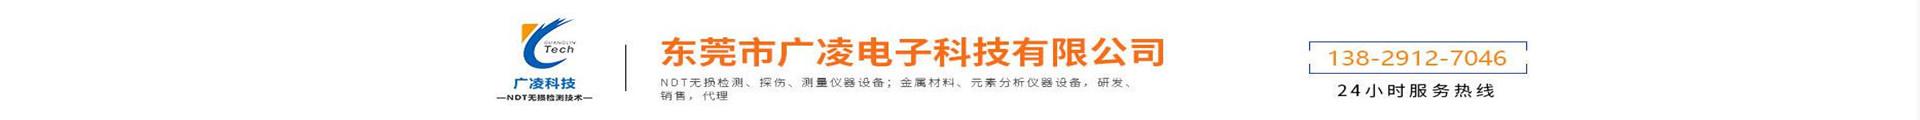 東莞市廣凌電子科技有限公司